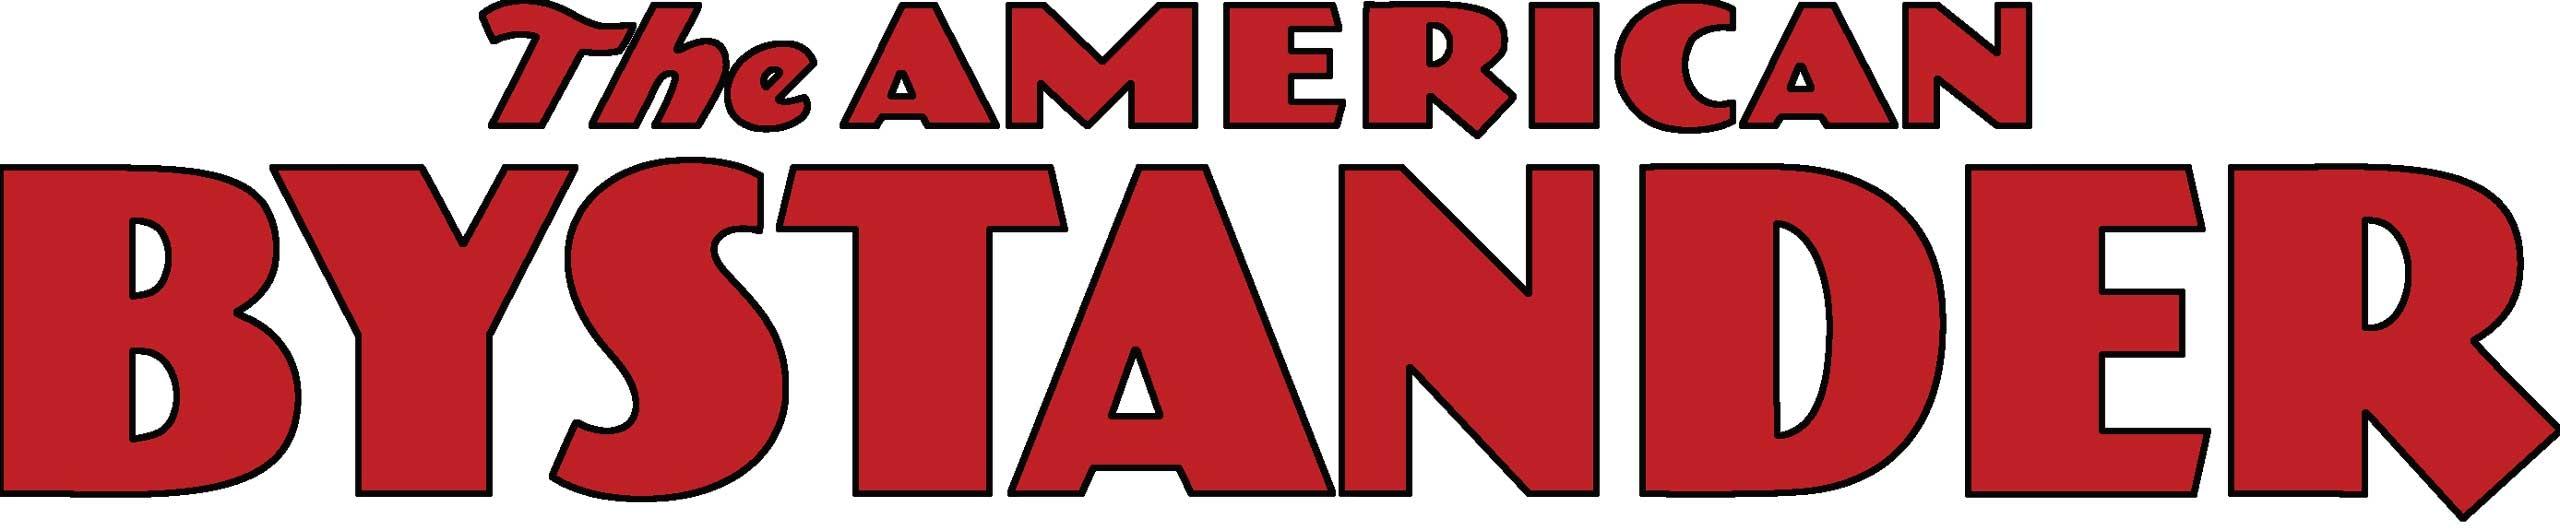 The American Bystander (@bystanderello) Cover Image